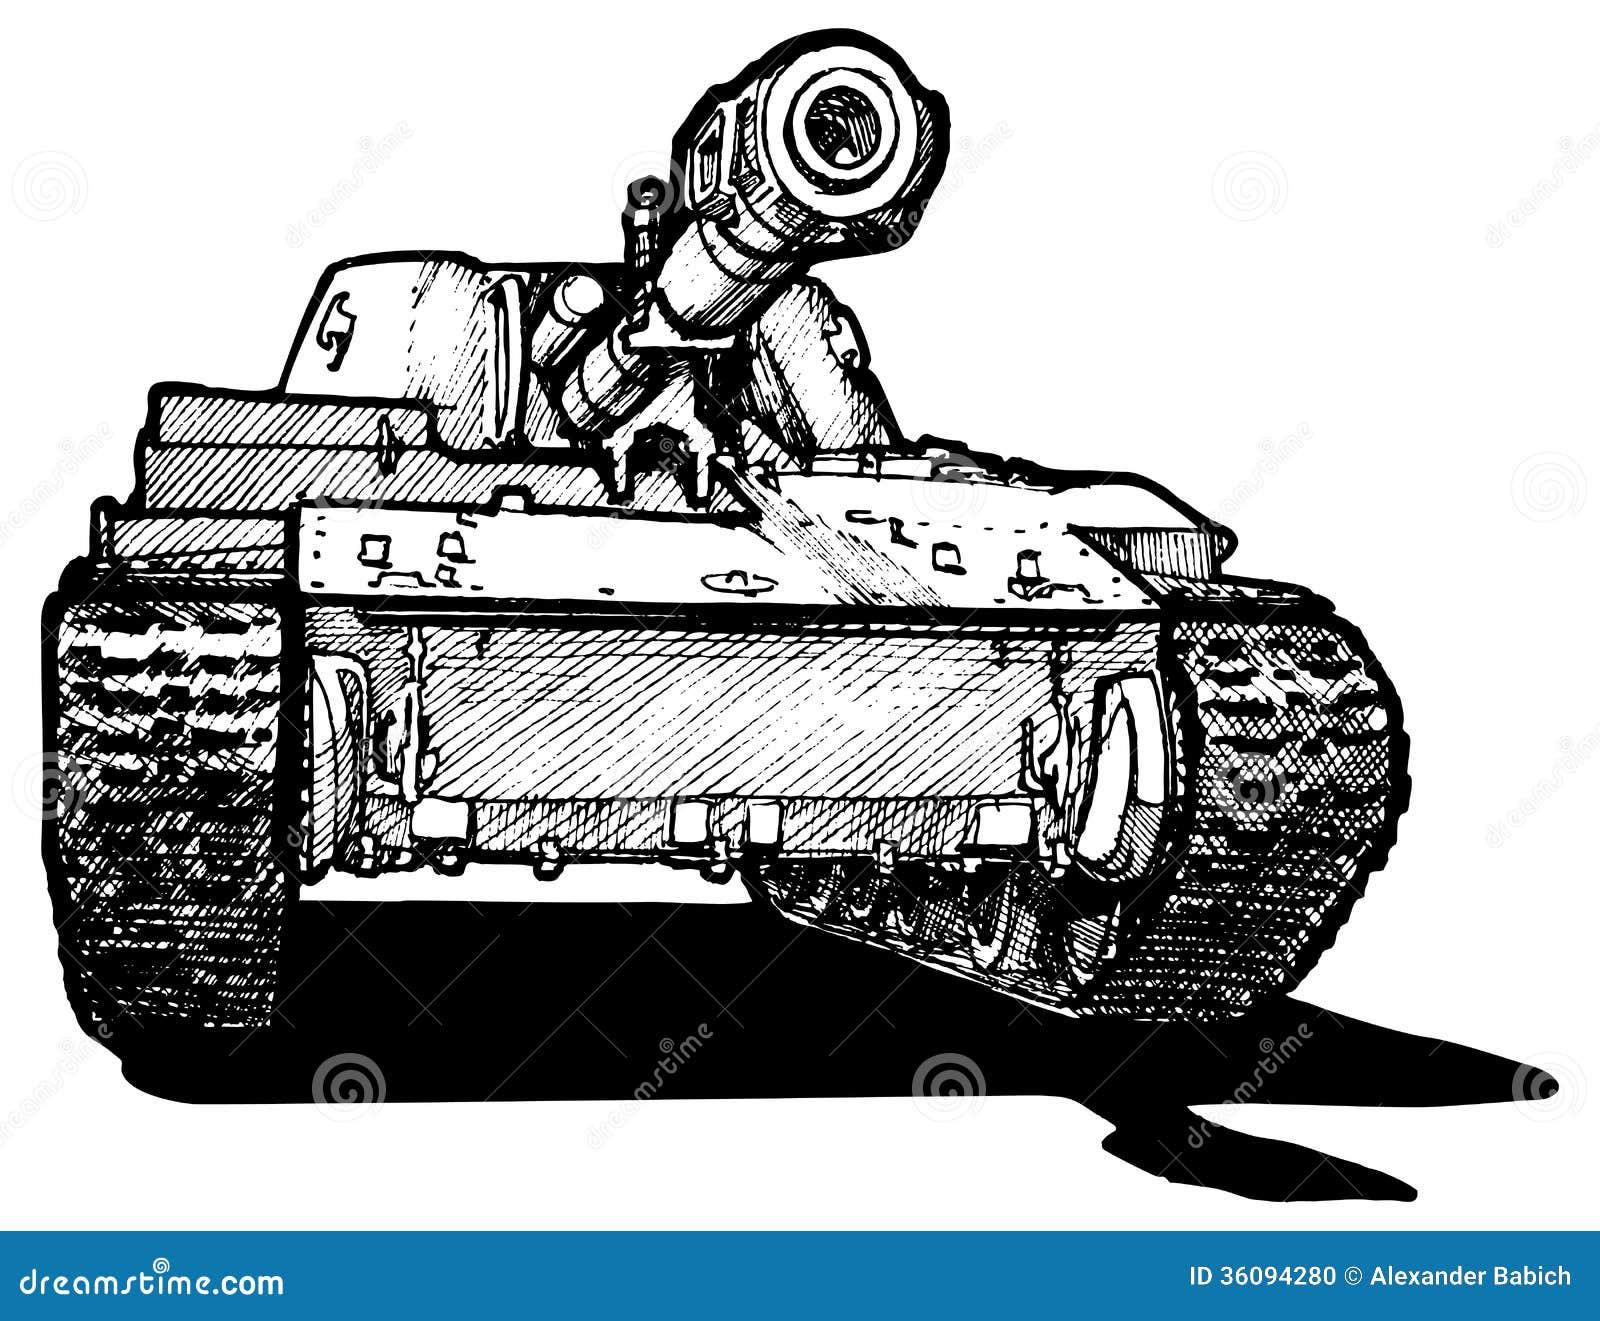 Heavy Tank Stock Photo Image 36094280